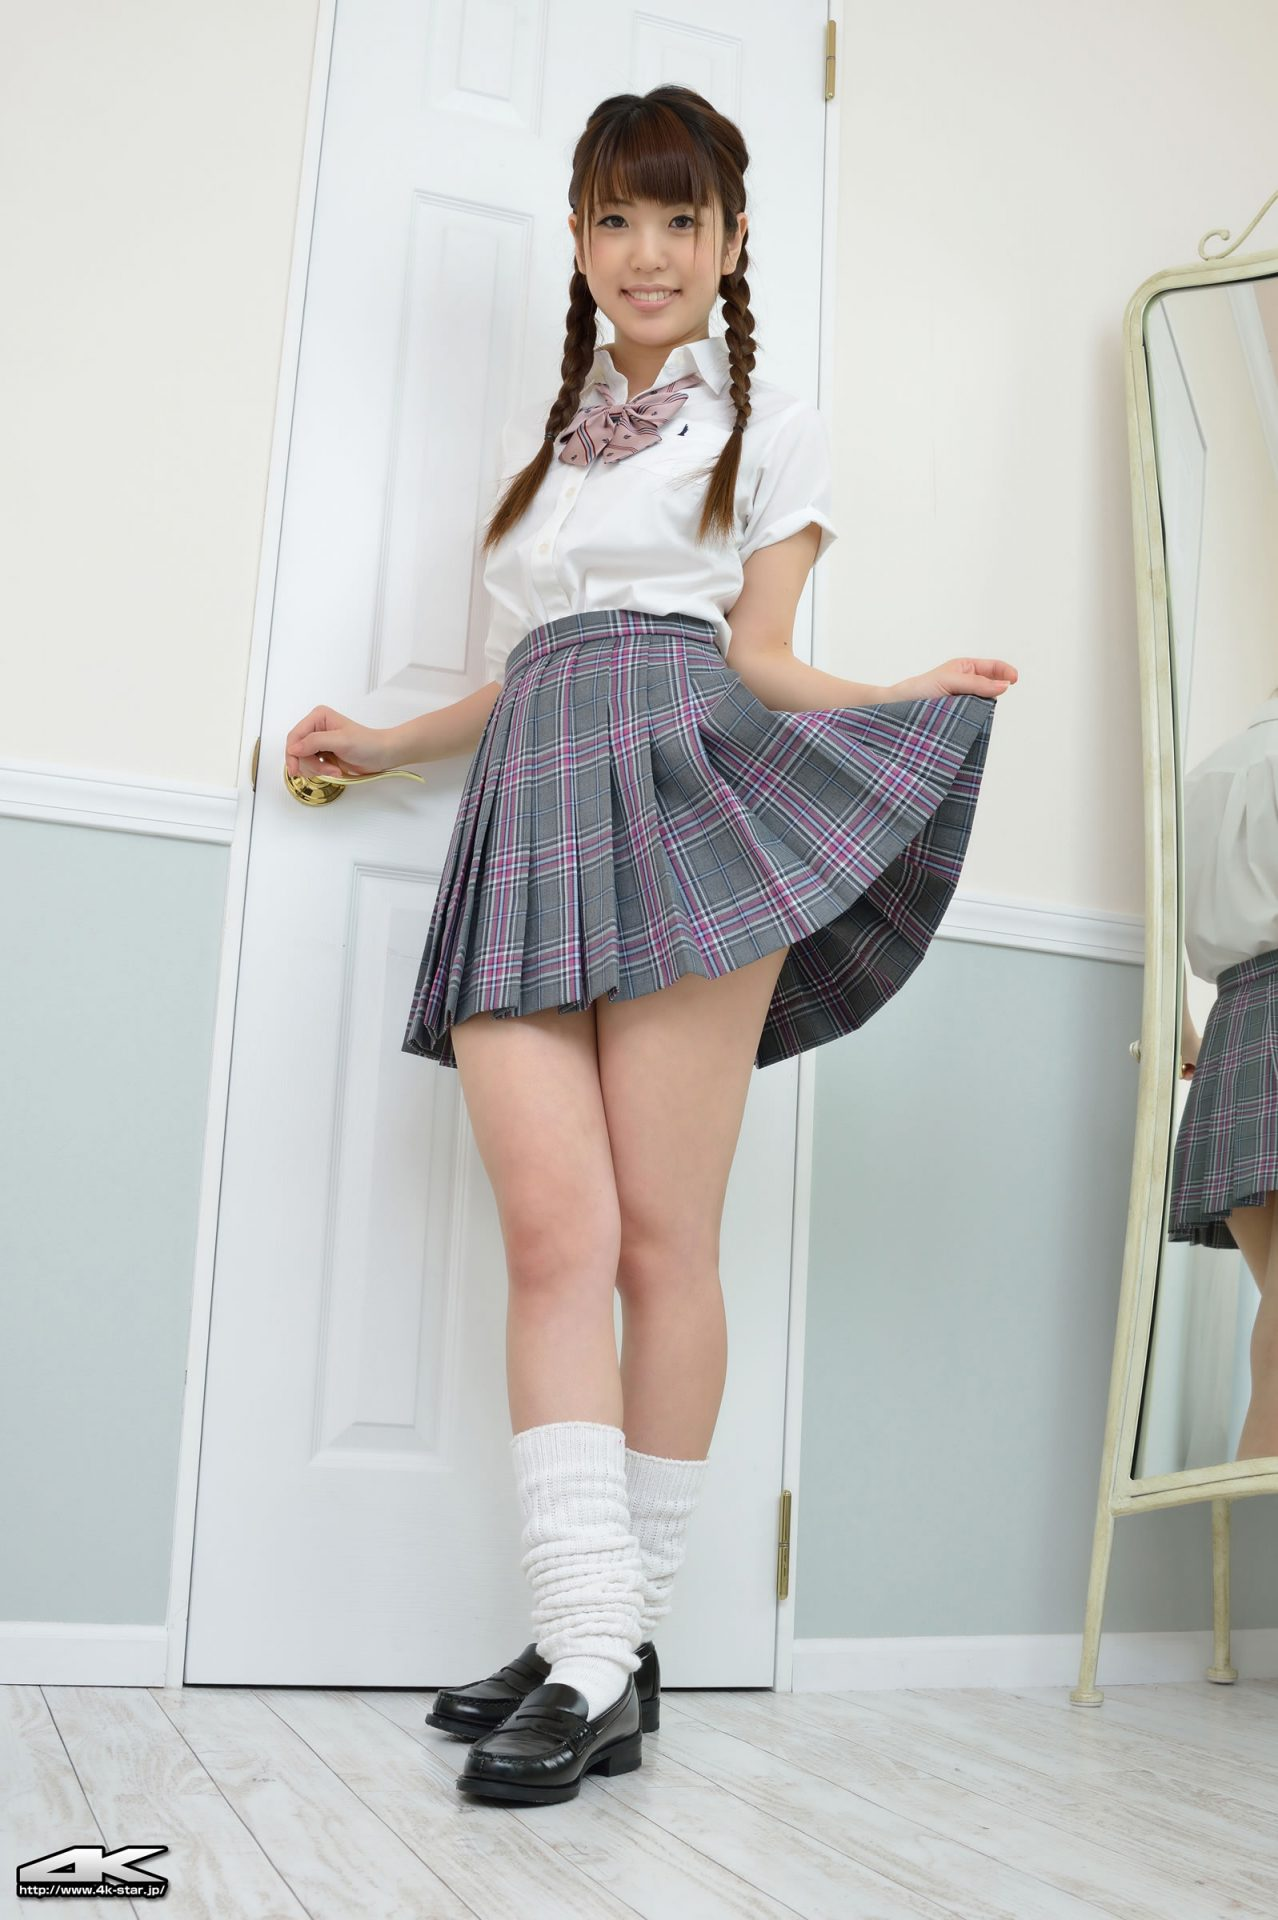 三次元 3次元 エロ画像 JK 女子校生 ルーズソックス べっぴん娘通信 29